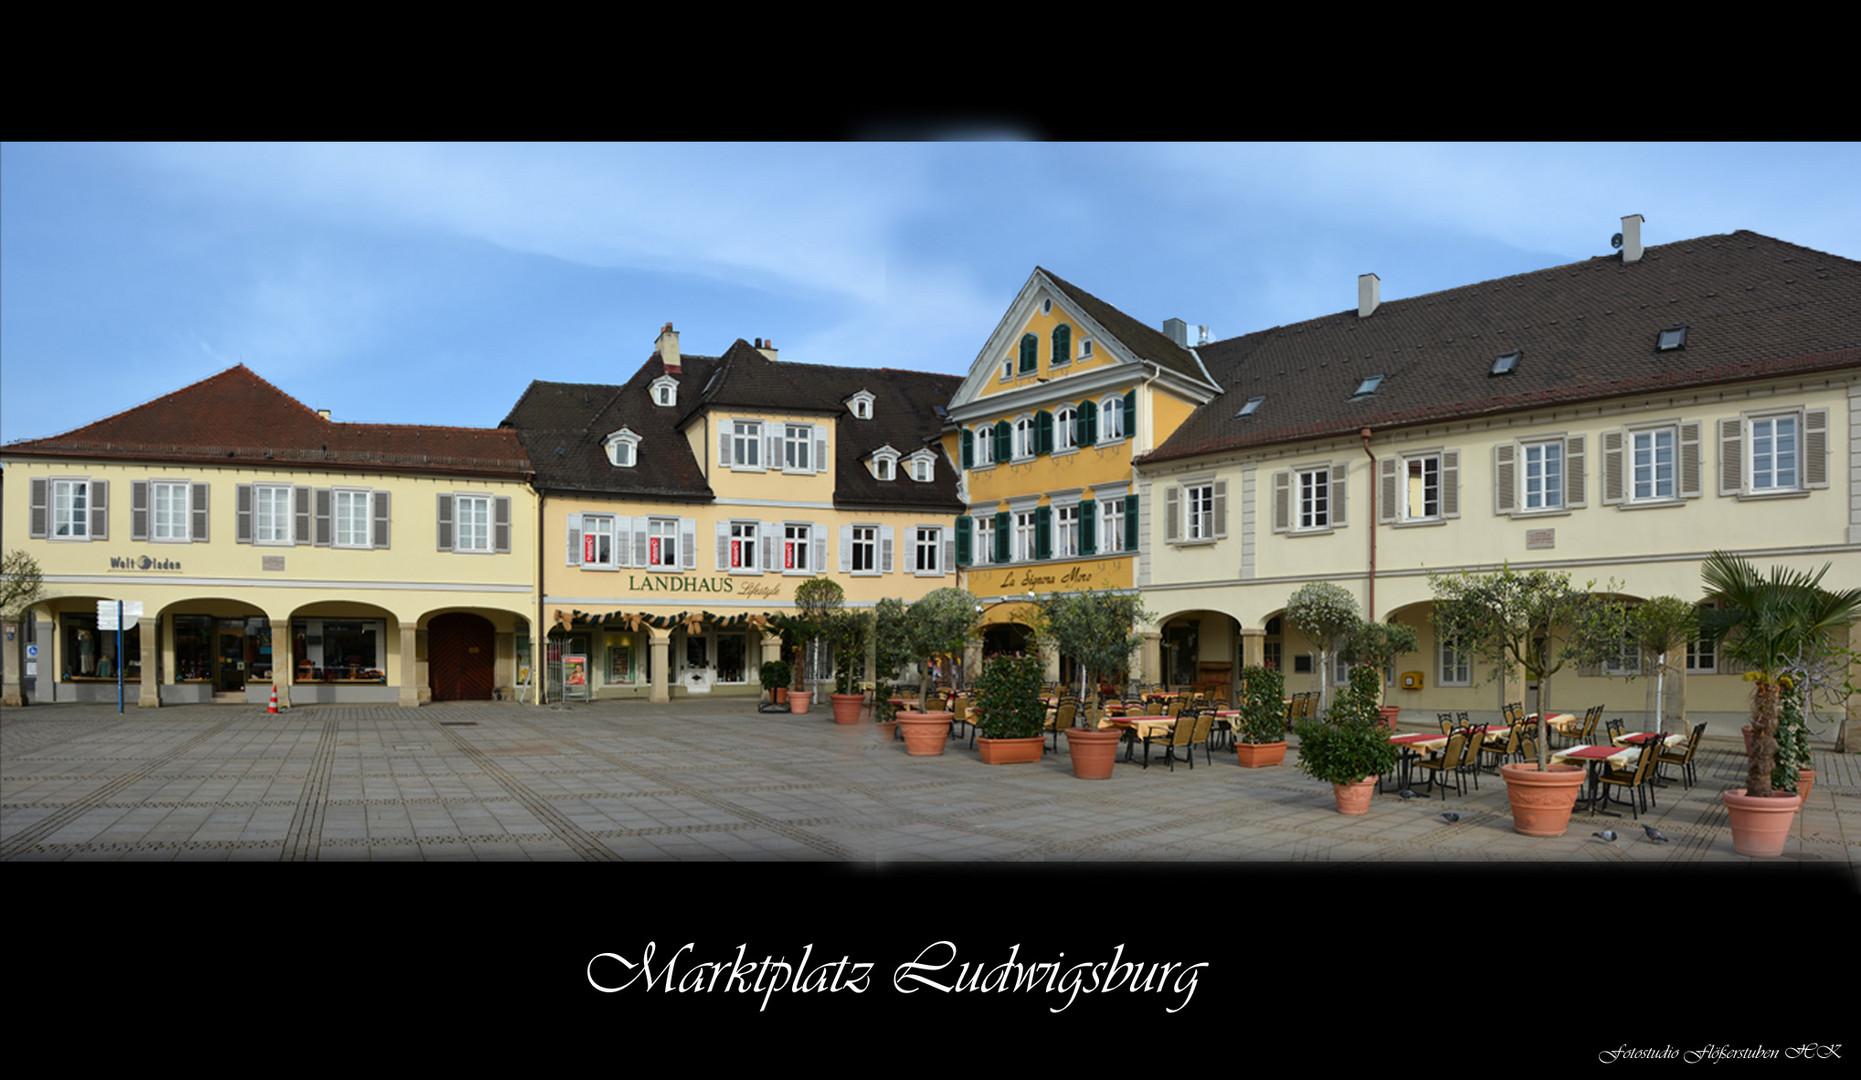 Ludwigsburg / Marktplatz/ Teilansicht/ Montage